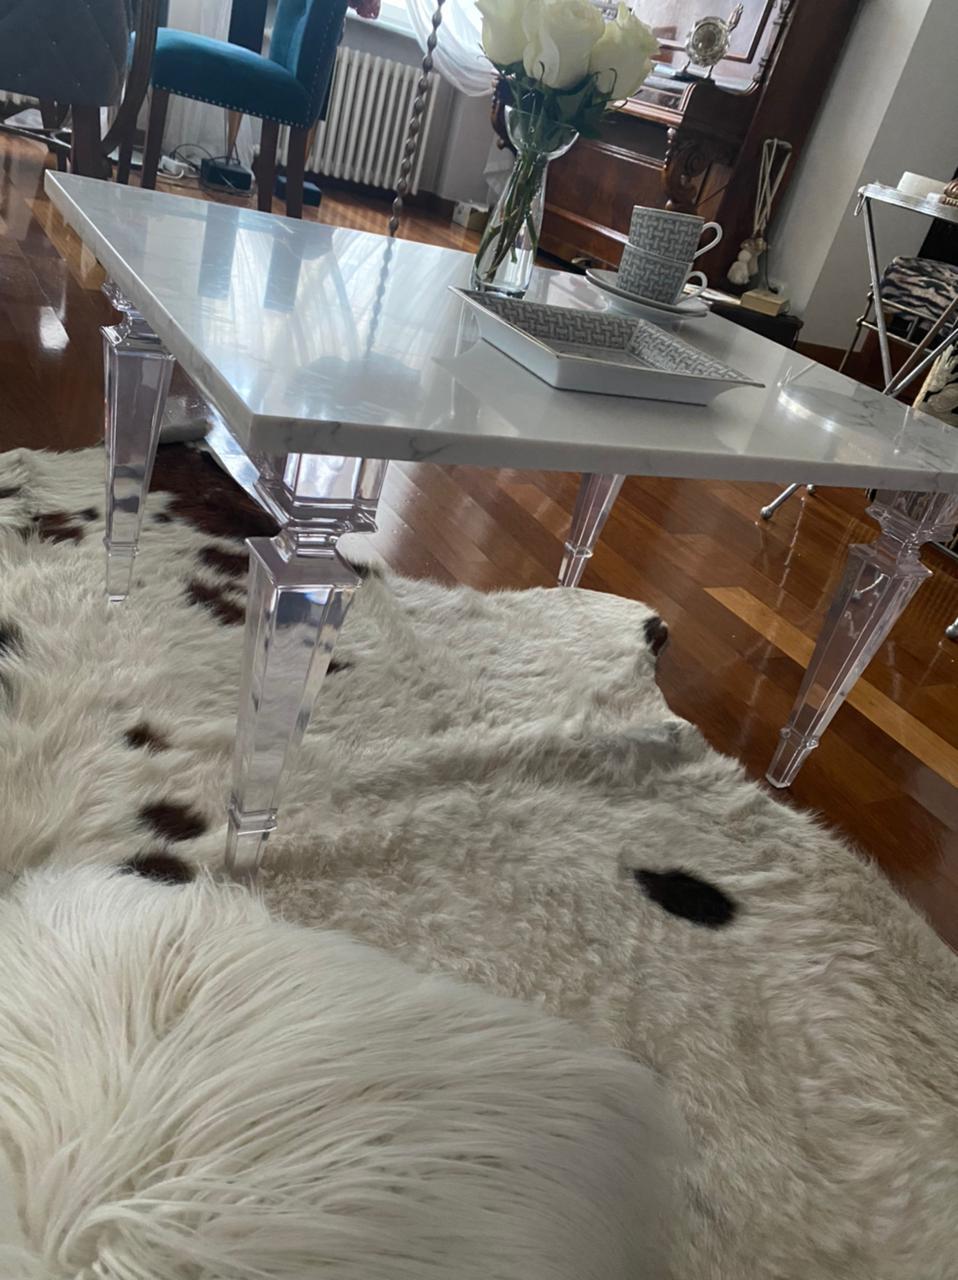 Столешница для обеденного стола из кварцевого агломератаcanvas